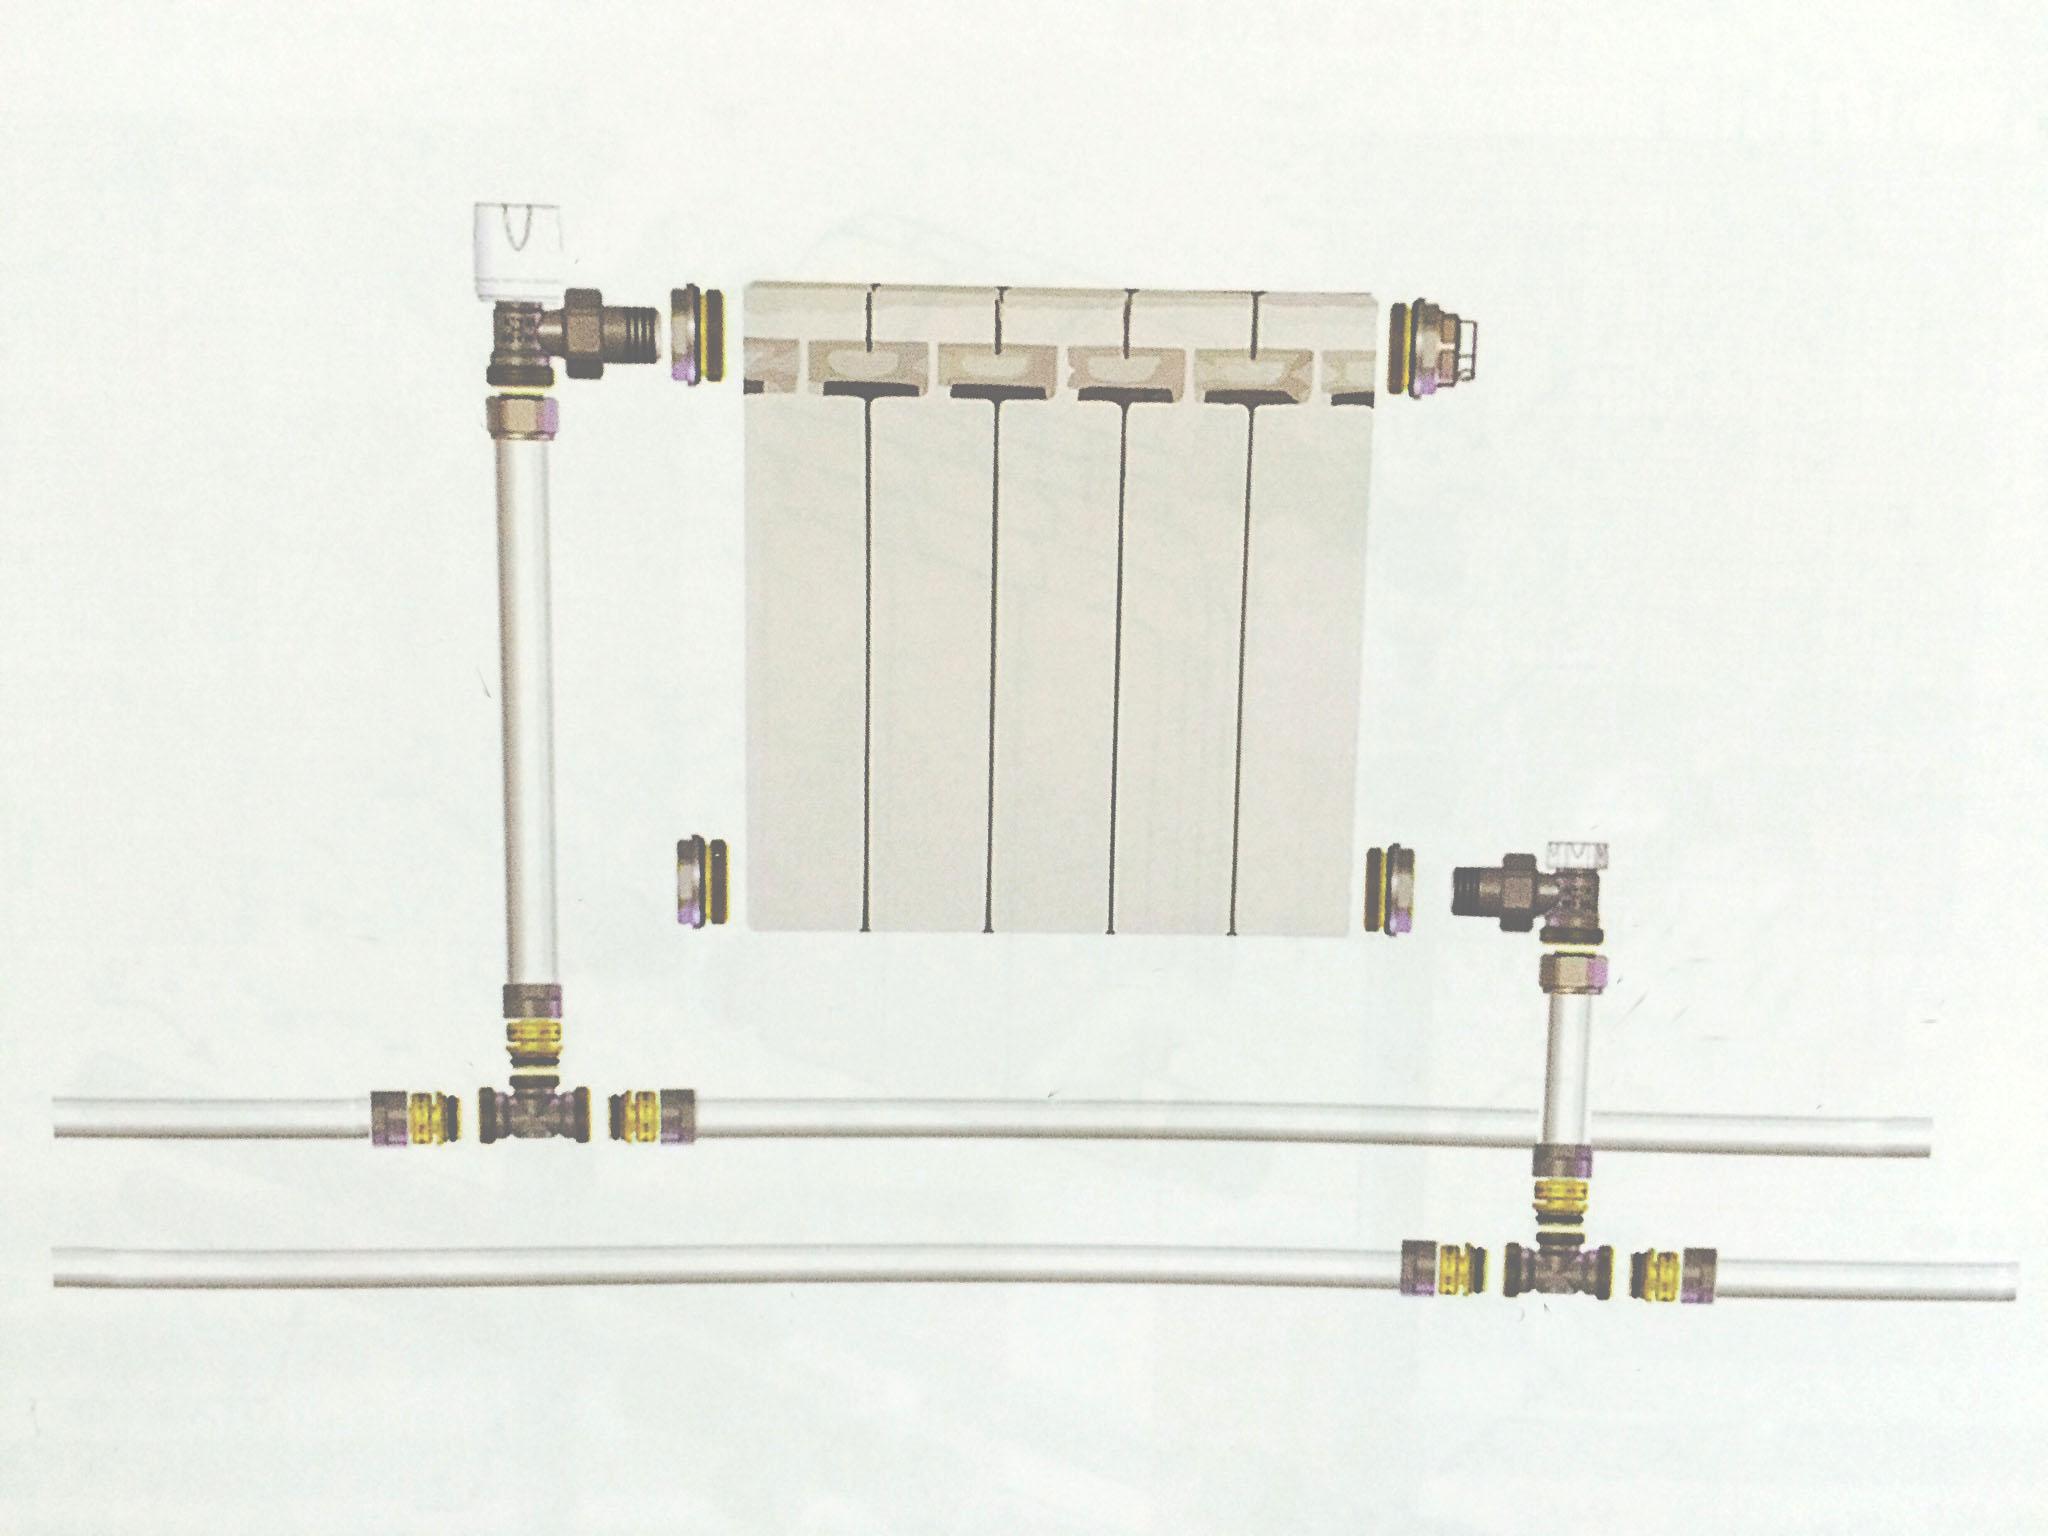 подключение батареи, батарея двухтрубная система, схема подключения радиатора, радиатор в двутрубной системе отопления, установка радиатора на стене двутрубная система, батарея в квартире схема, батарея в частном доме схема, схема подсоединения батареи в доме